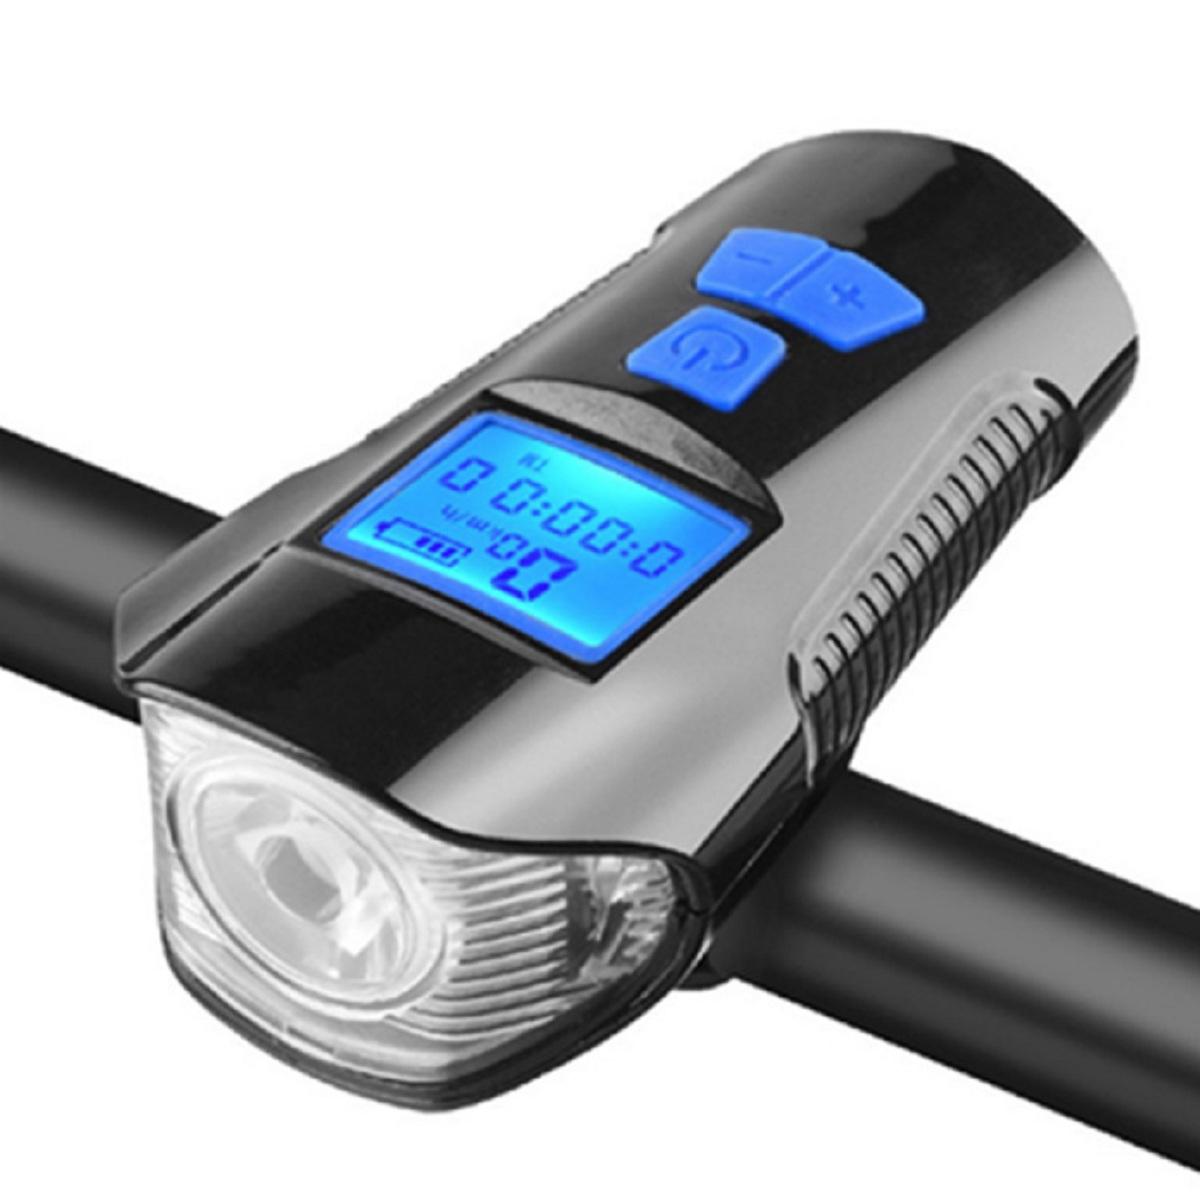 Đồng Hồ Tốc Độ Kết Hợp Đèn Còi Xe Đạp Chính Hãng MPEDA 317 | Phụ Kiện Xe Đạp Đa Năng | Đèn Pha Xe Đạp Siêu Sáng 500 Lumens | Còi Hú Vang 120dB | Đồng Hồ Đo Tốc Độ Đạp Xe